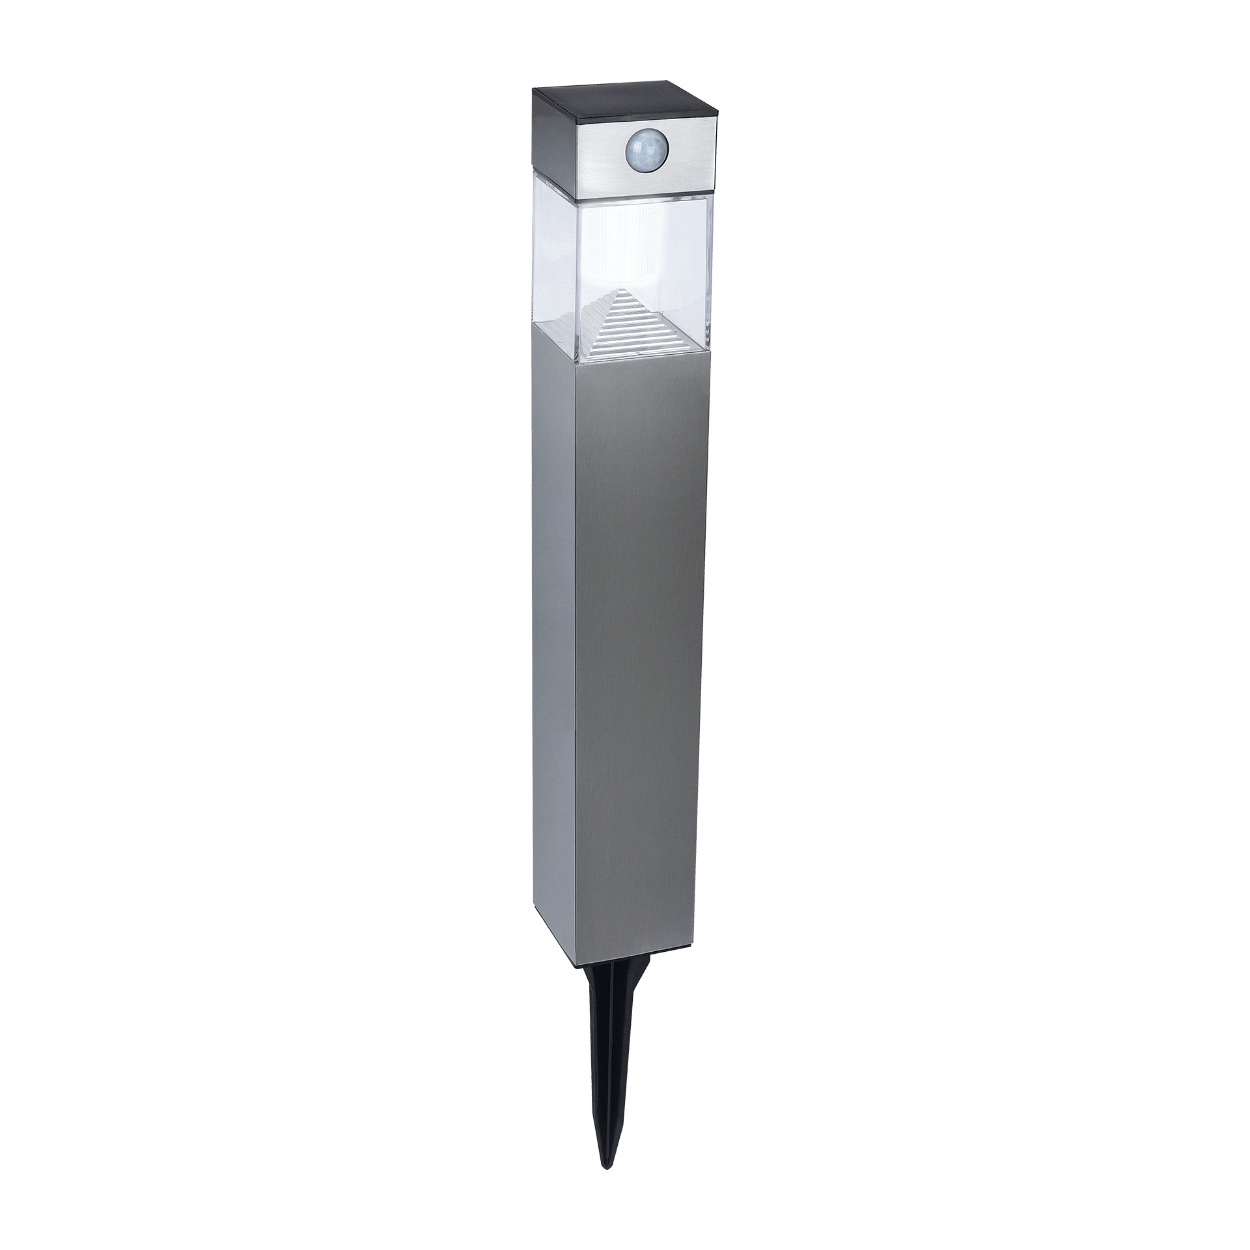 Solar Stehlampe Garten Aldi